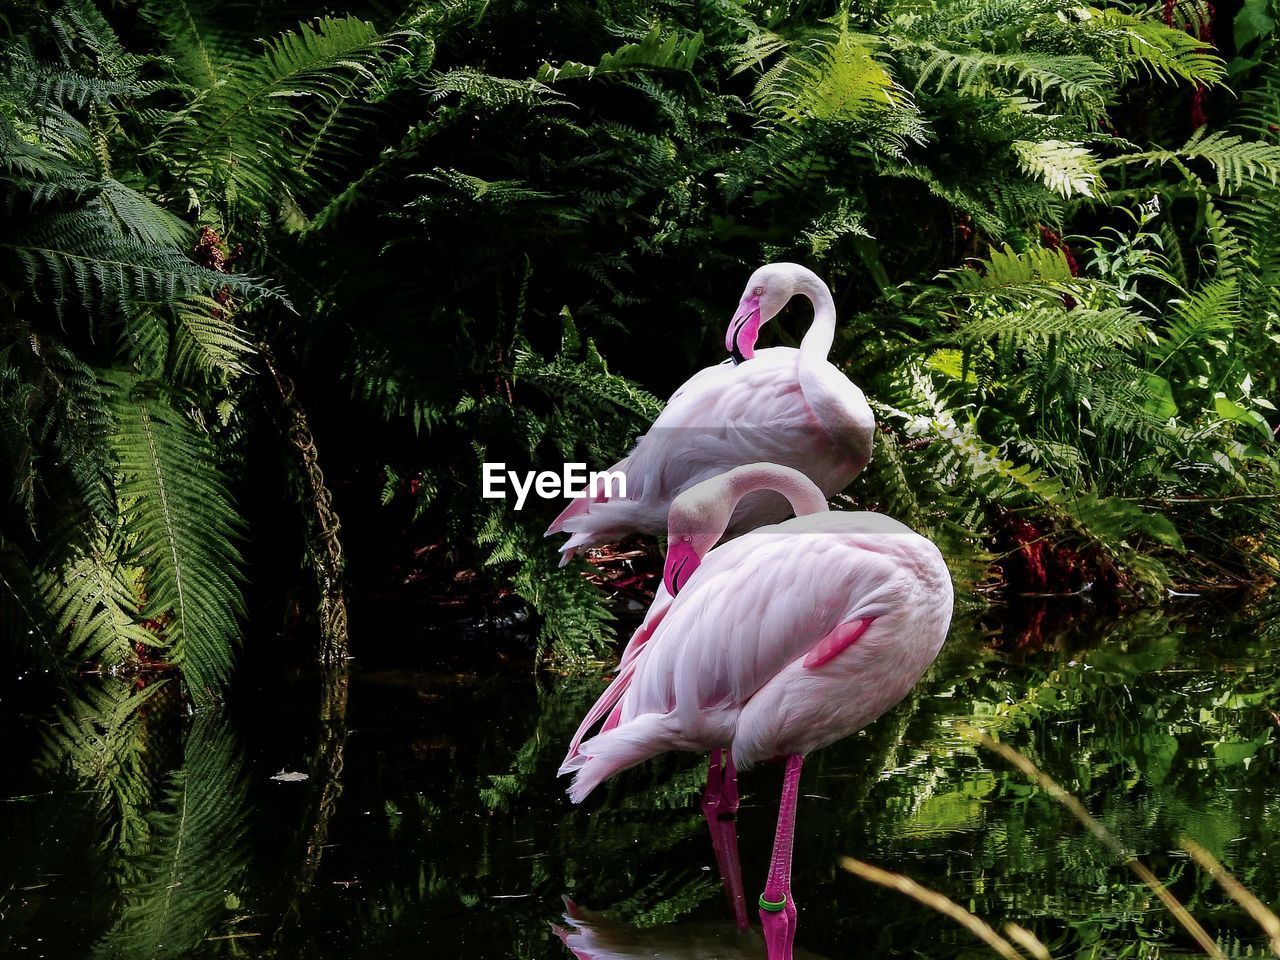 VIEW OF A BIRD